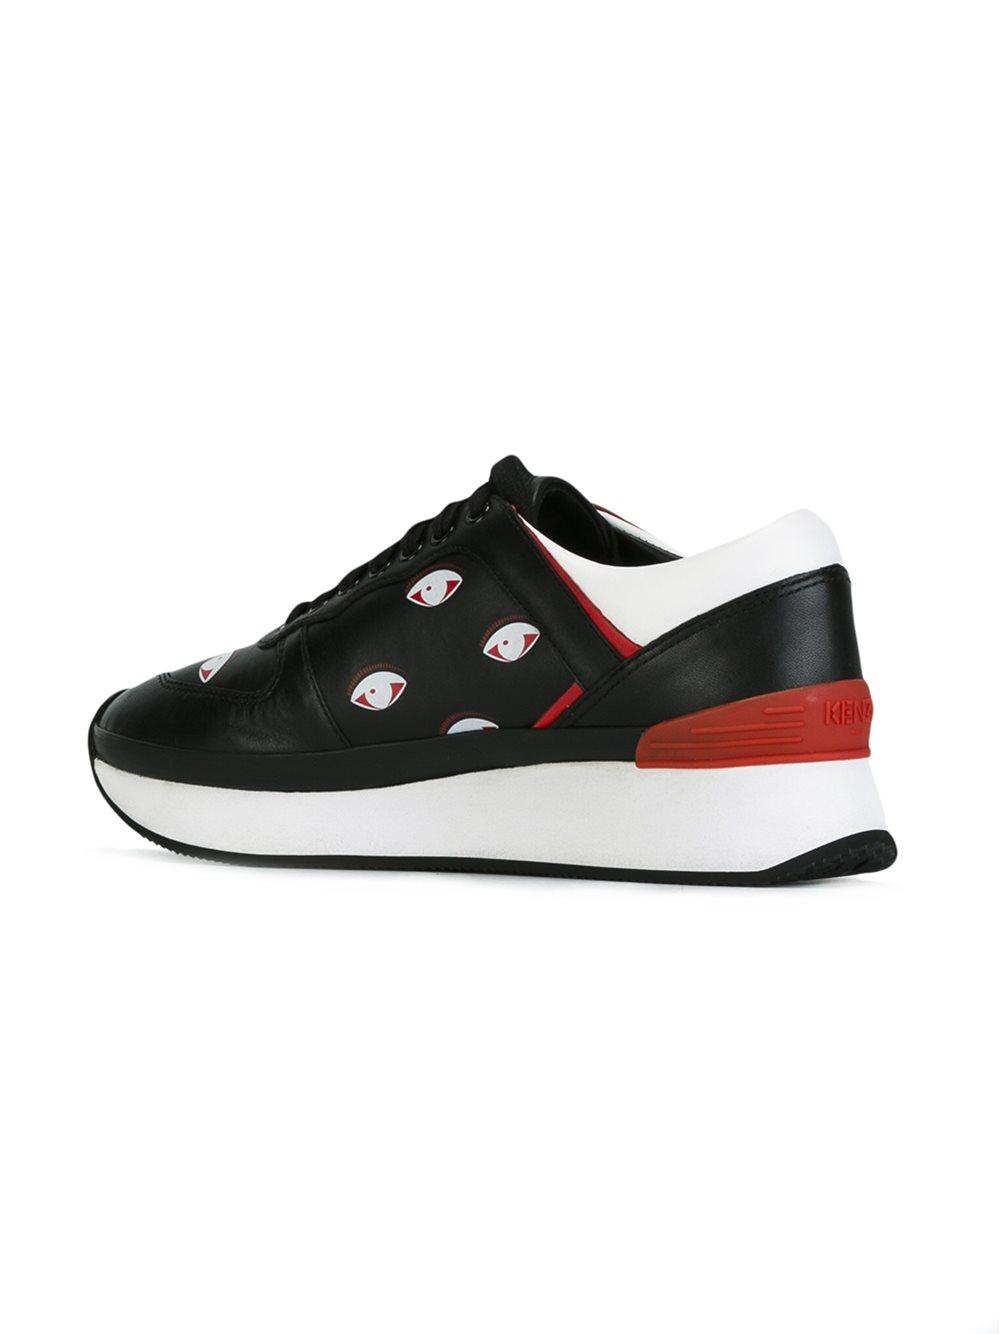 KENZO Leather 'k-run' Eyes Sneakers in Black